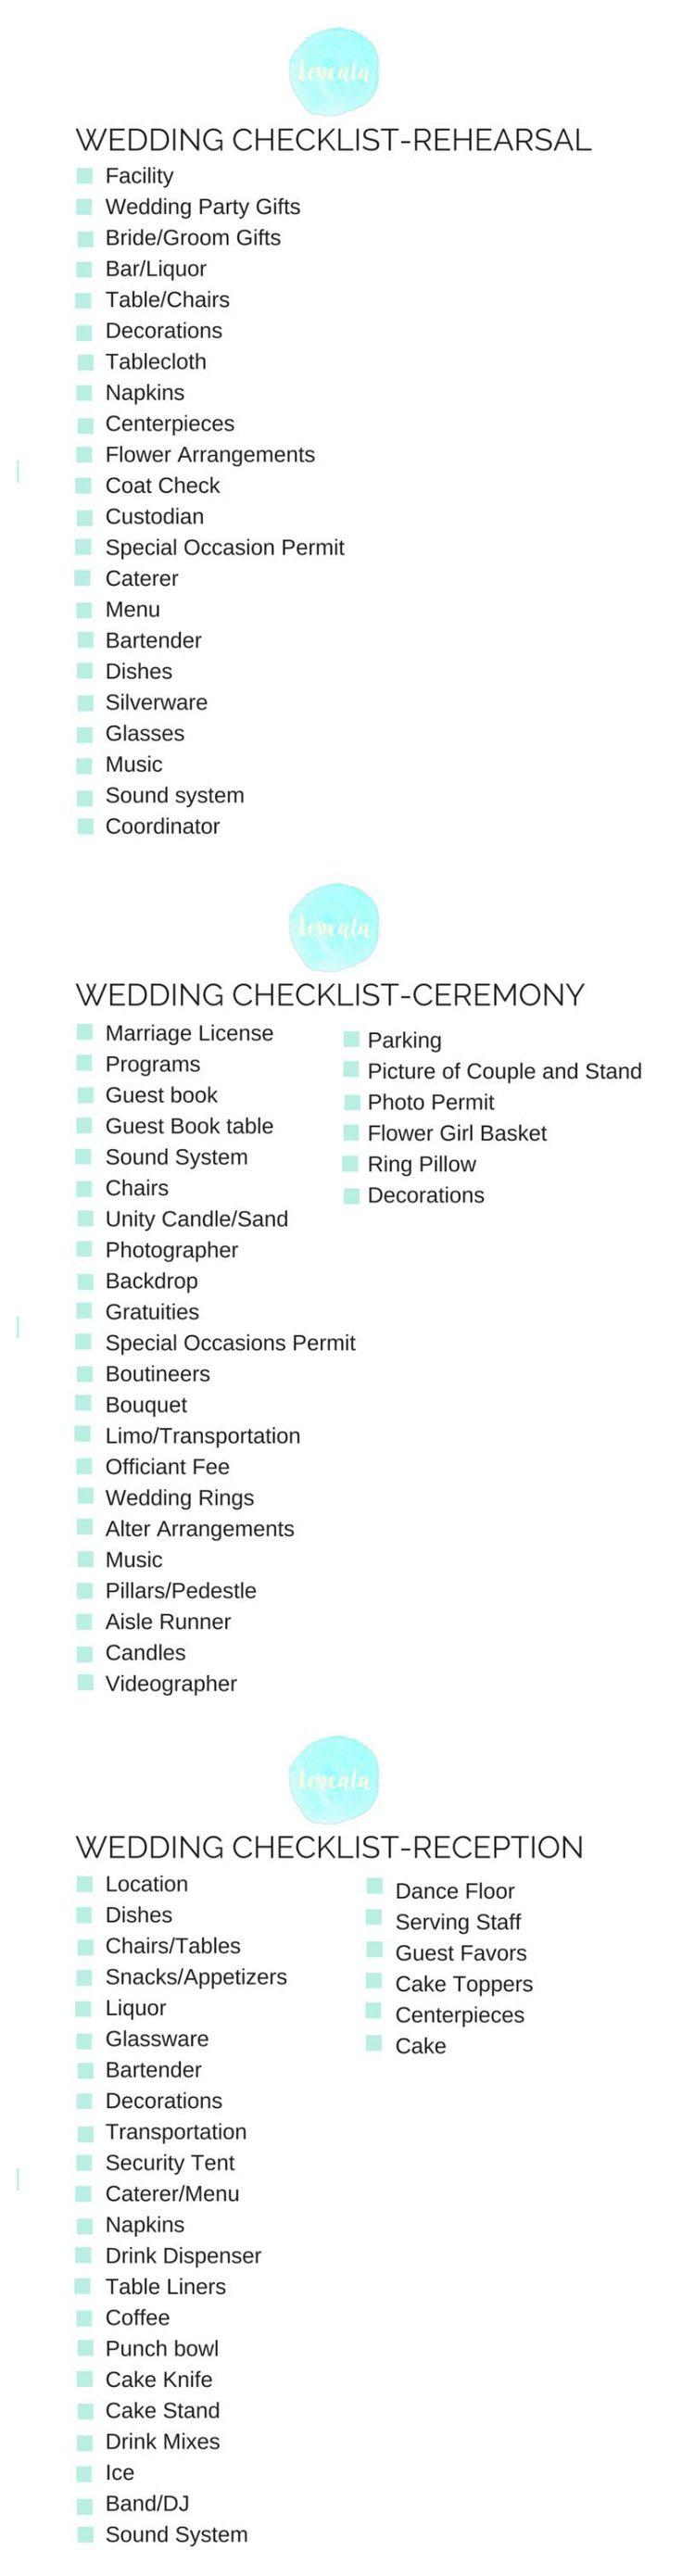 17 Best ideas about Wedding Coordinator Checklist on Pinterest ...